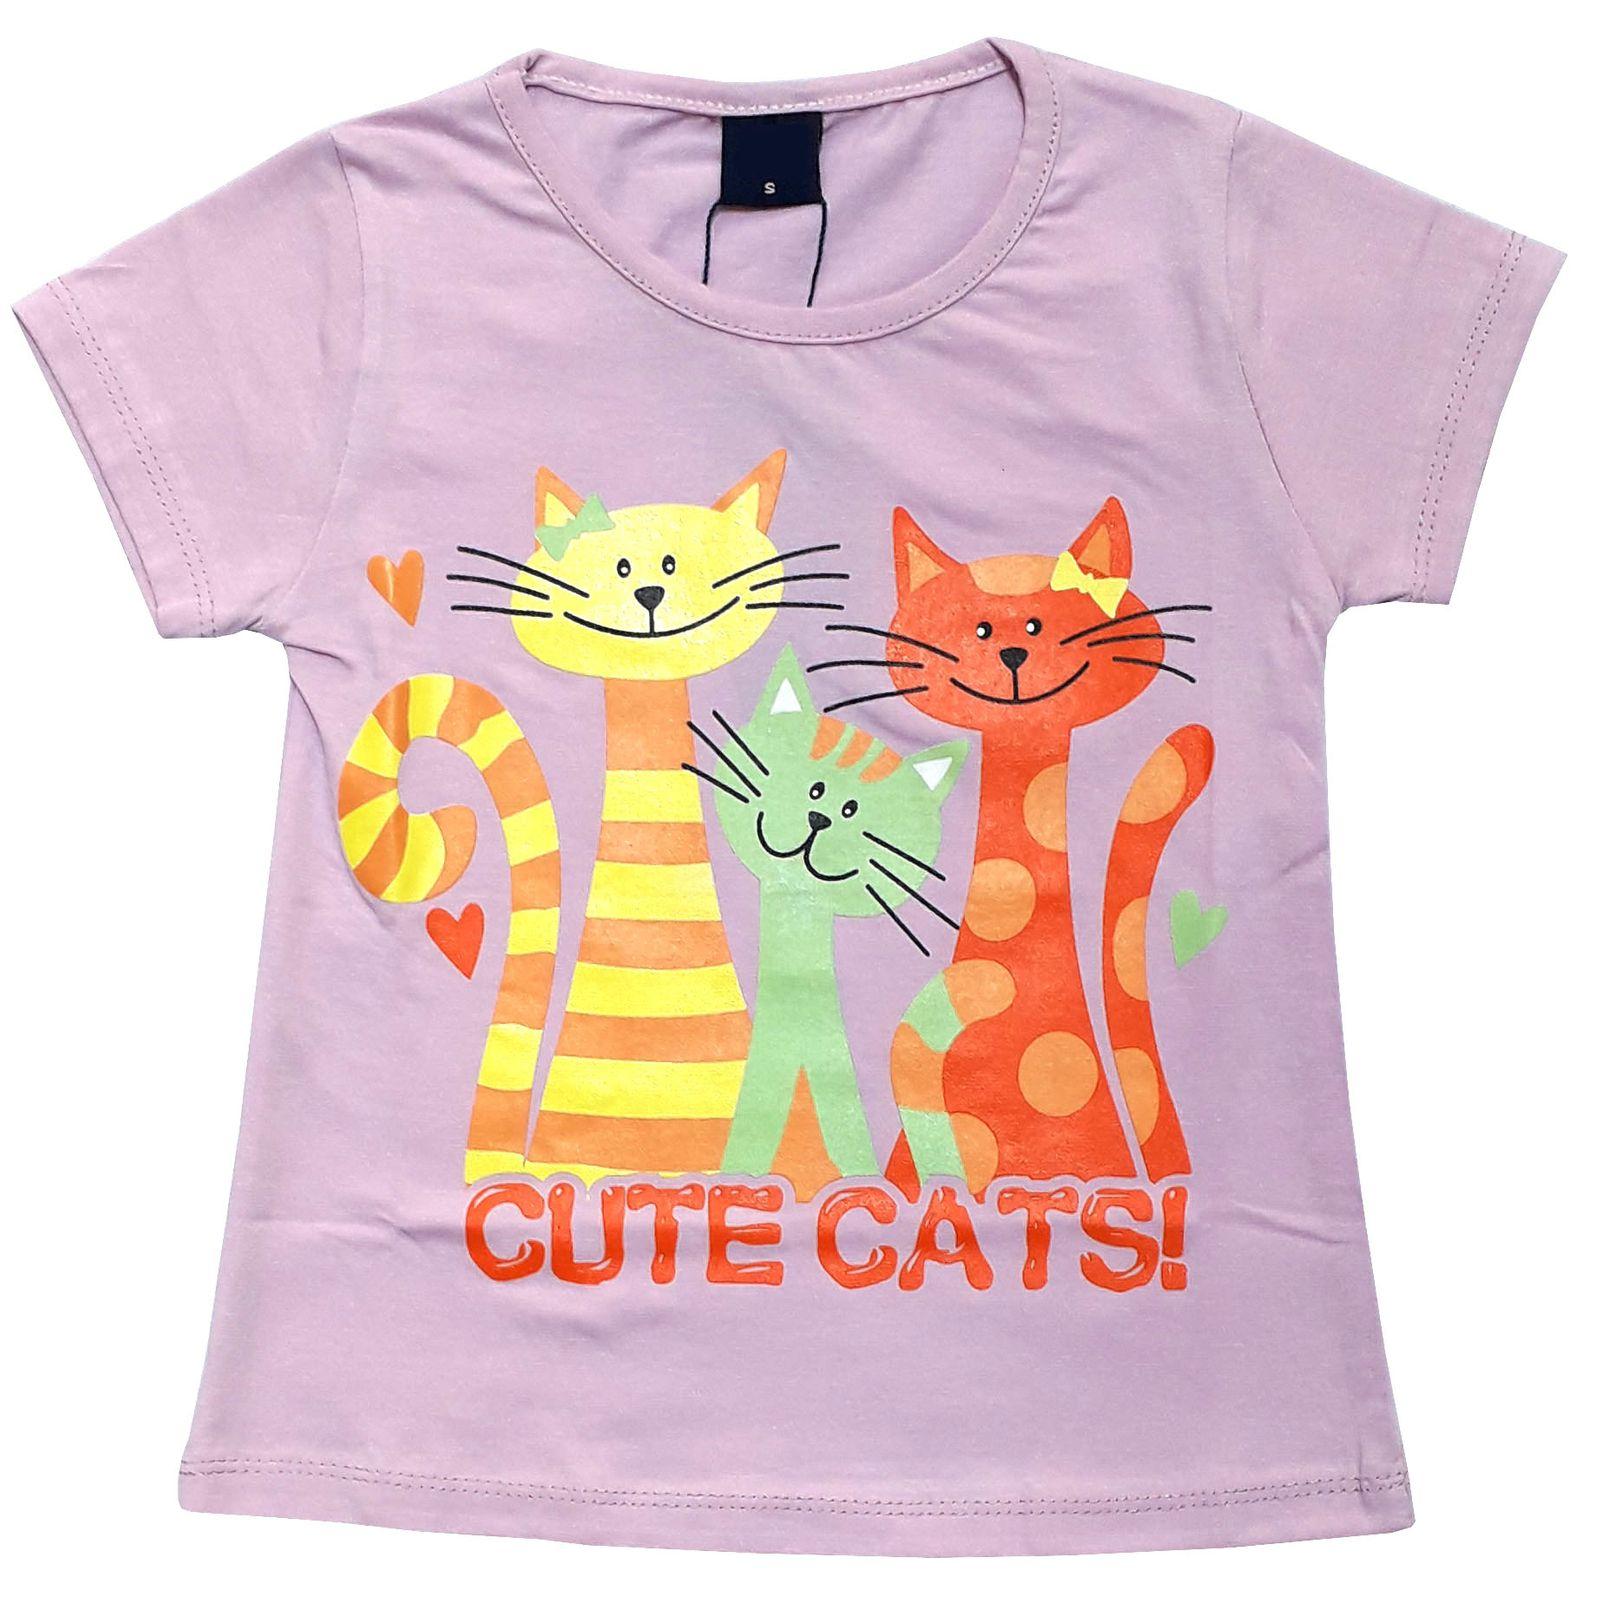 ست تی شرت و شلوارک دخترانه کد 7787924 -  - 6